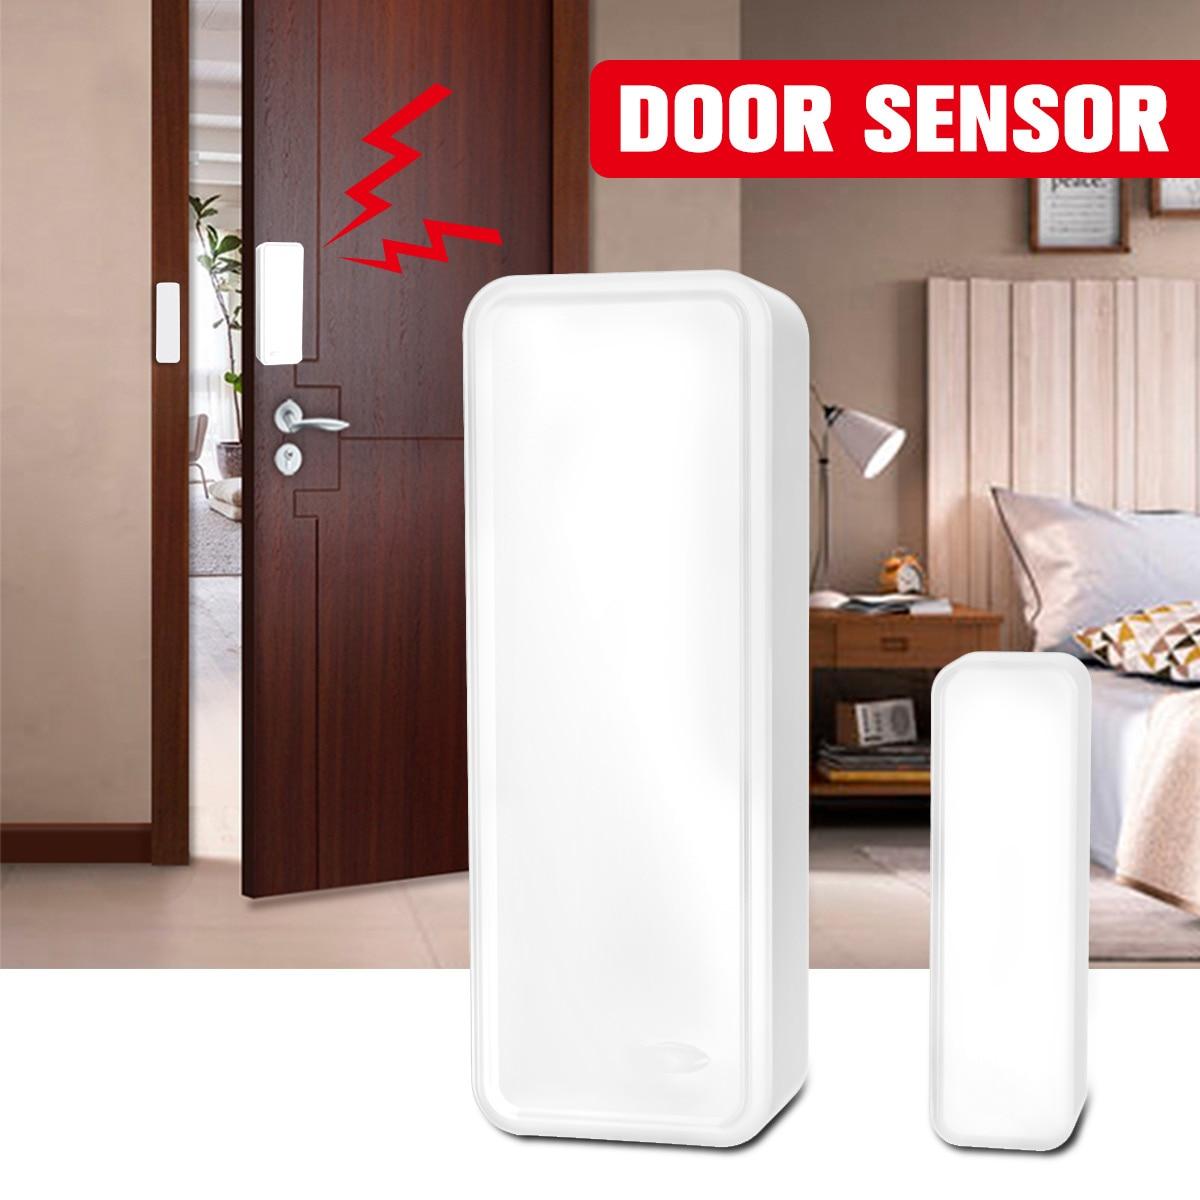 Wireless Door Window Sensor Magnetic Strip GS-WDS07 433MHz Door Sensor Home Office Security Entry Alarm Warning System